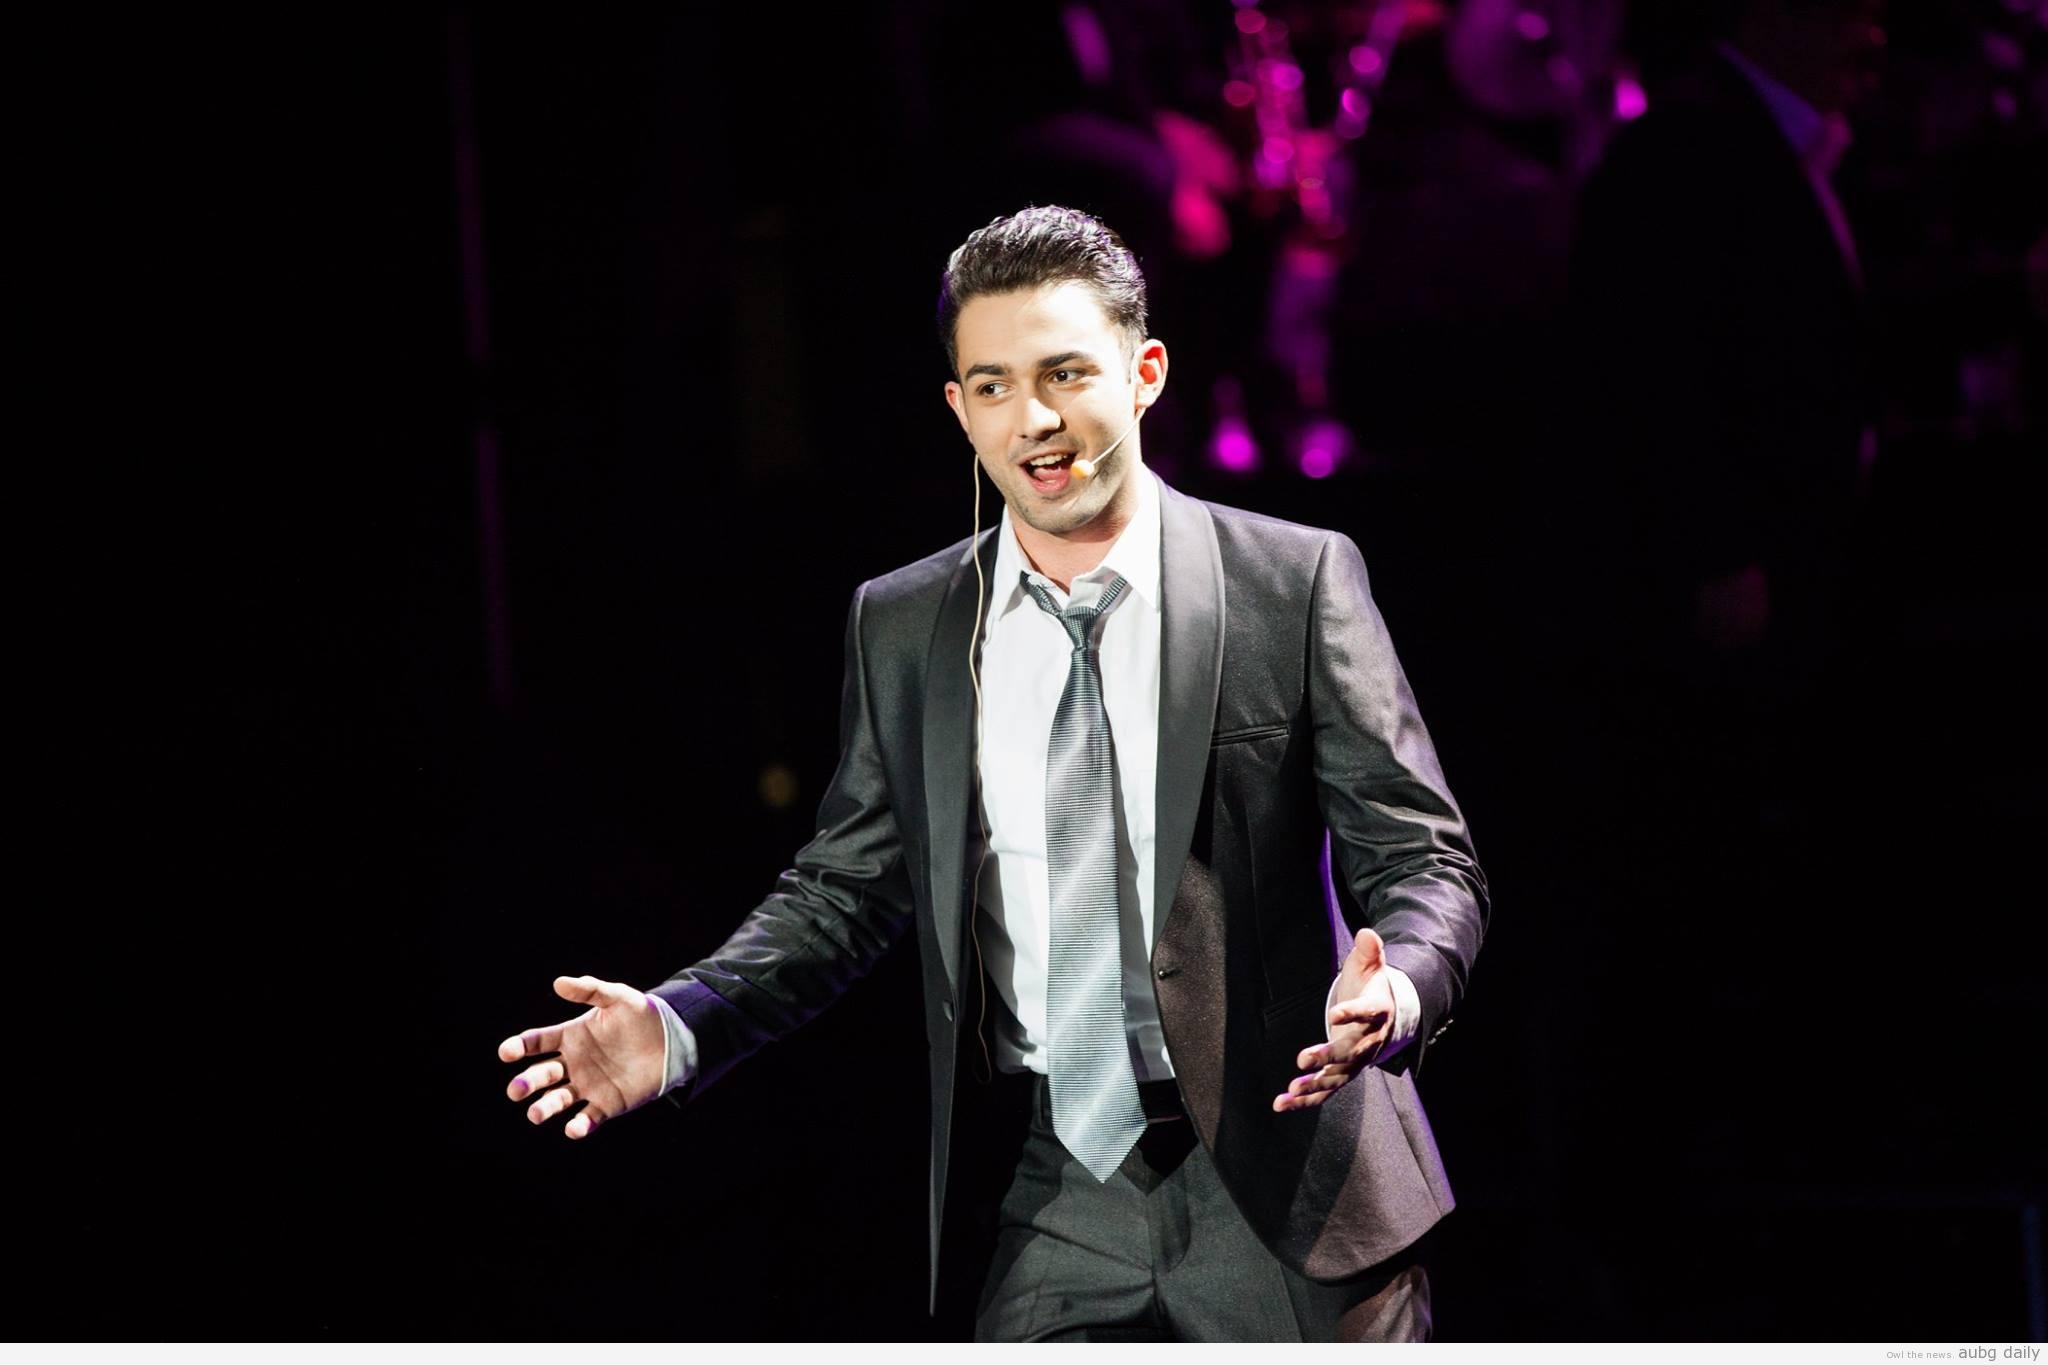 Brian Shkodrani. Photo: AUBG Musicals